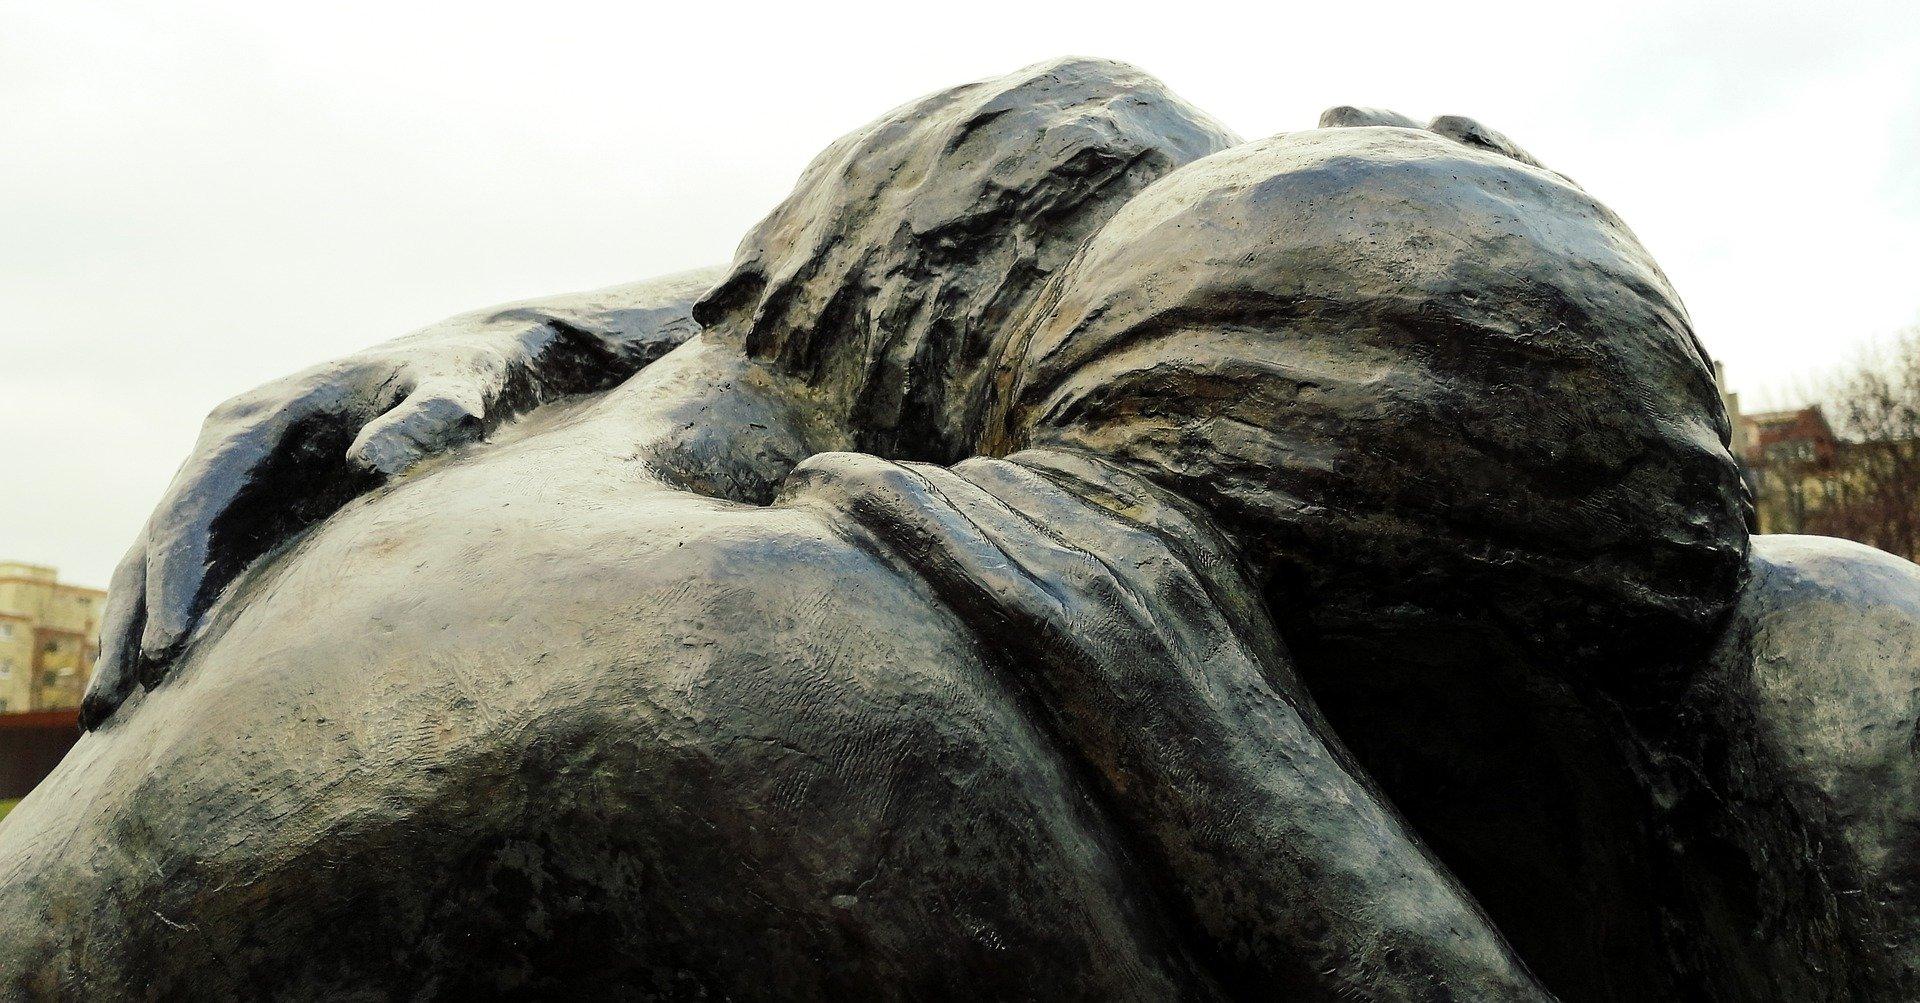 Nahaufnahme der Schulter-Kopf-Partie einer Statue, die 2 sich umarmende Menschen darstellt.